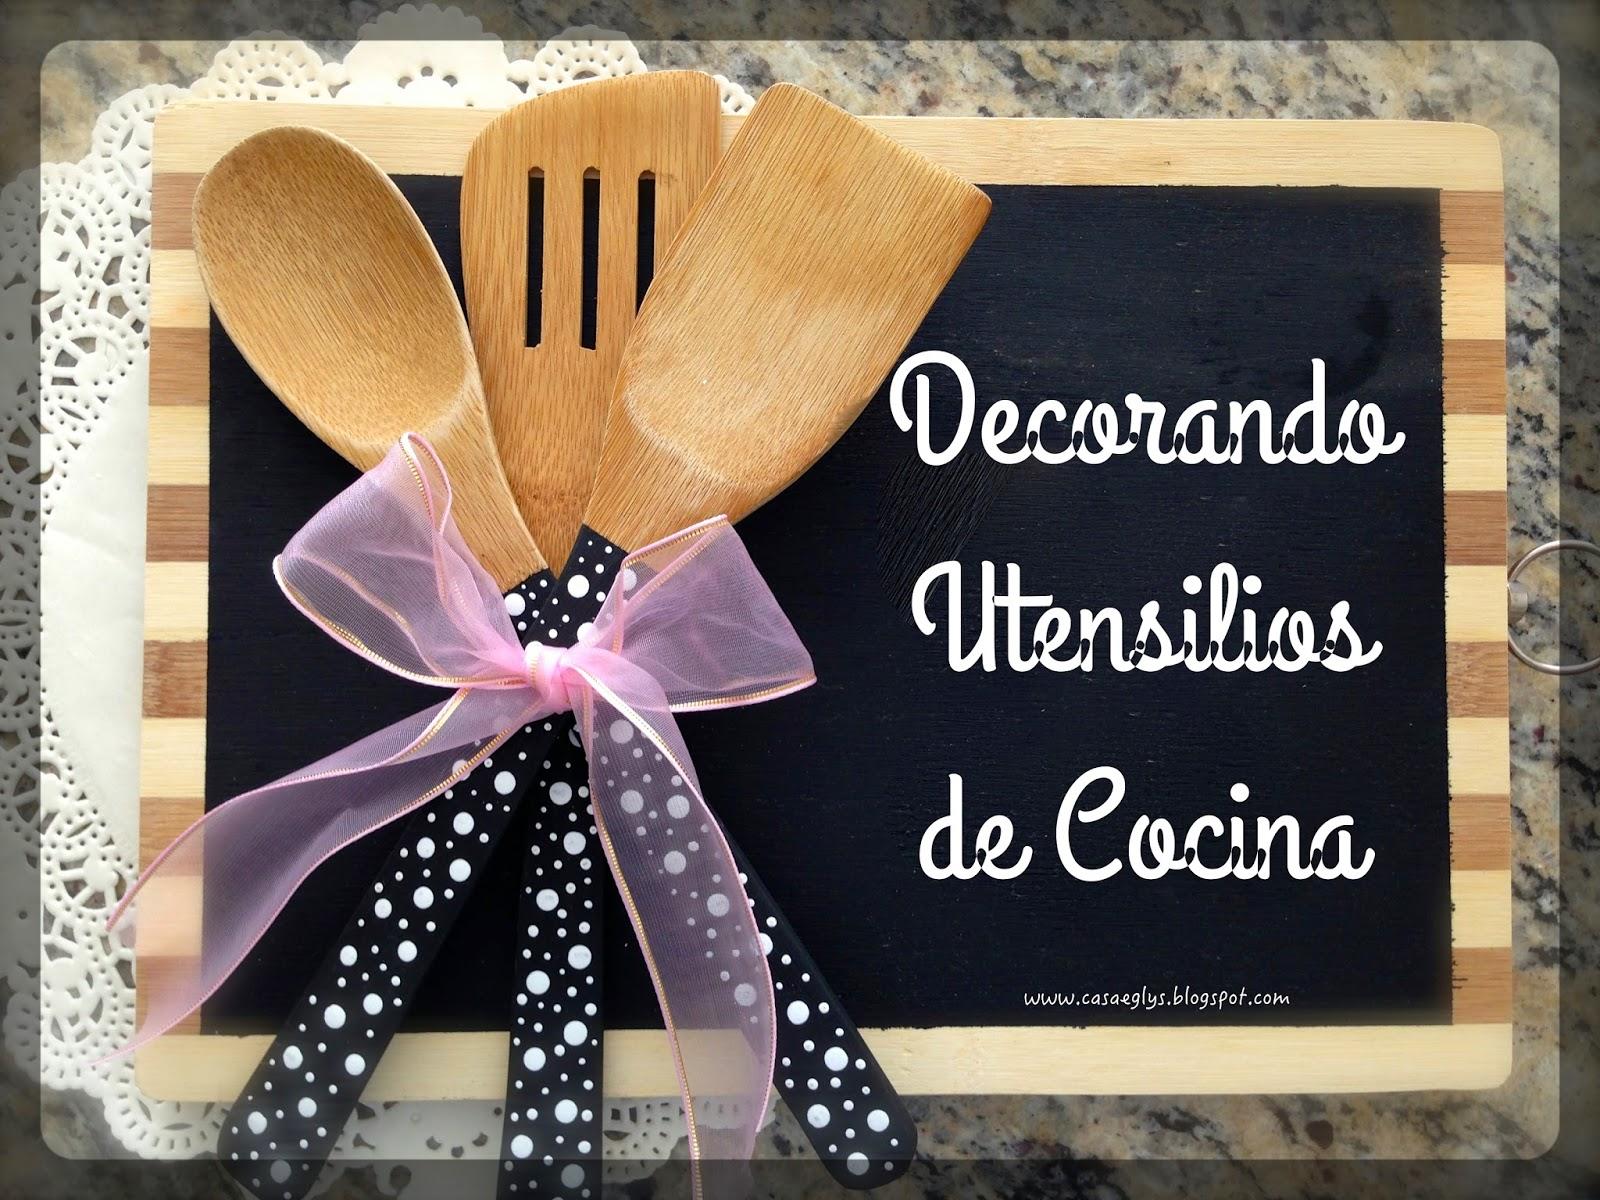 Casa eglys diy decorando utensilios de cocina for Utensilios de cocina para zurdos